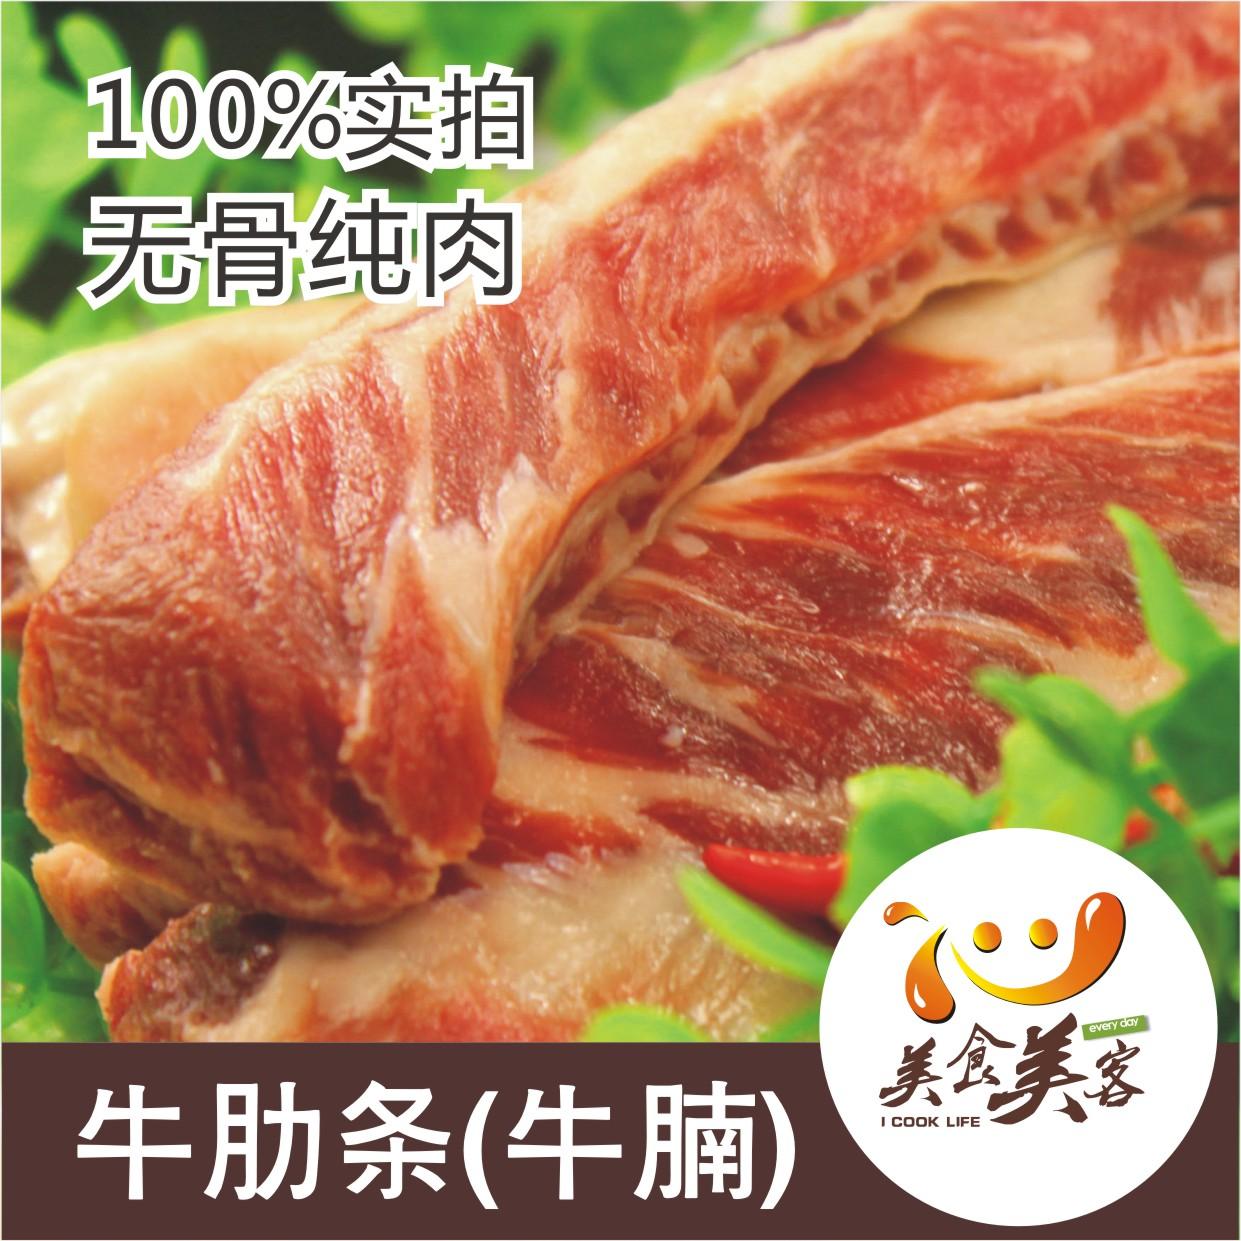 澳洲进口牛肋条肉 真空包装进口去骨牛肋条 新鲜牛肉 牛腩